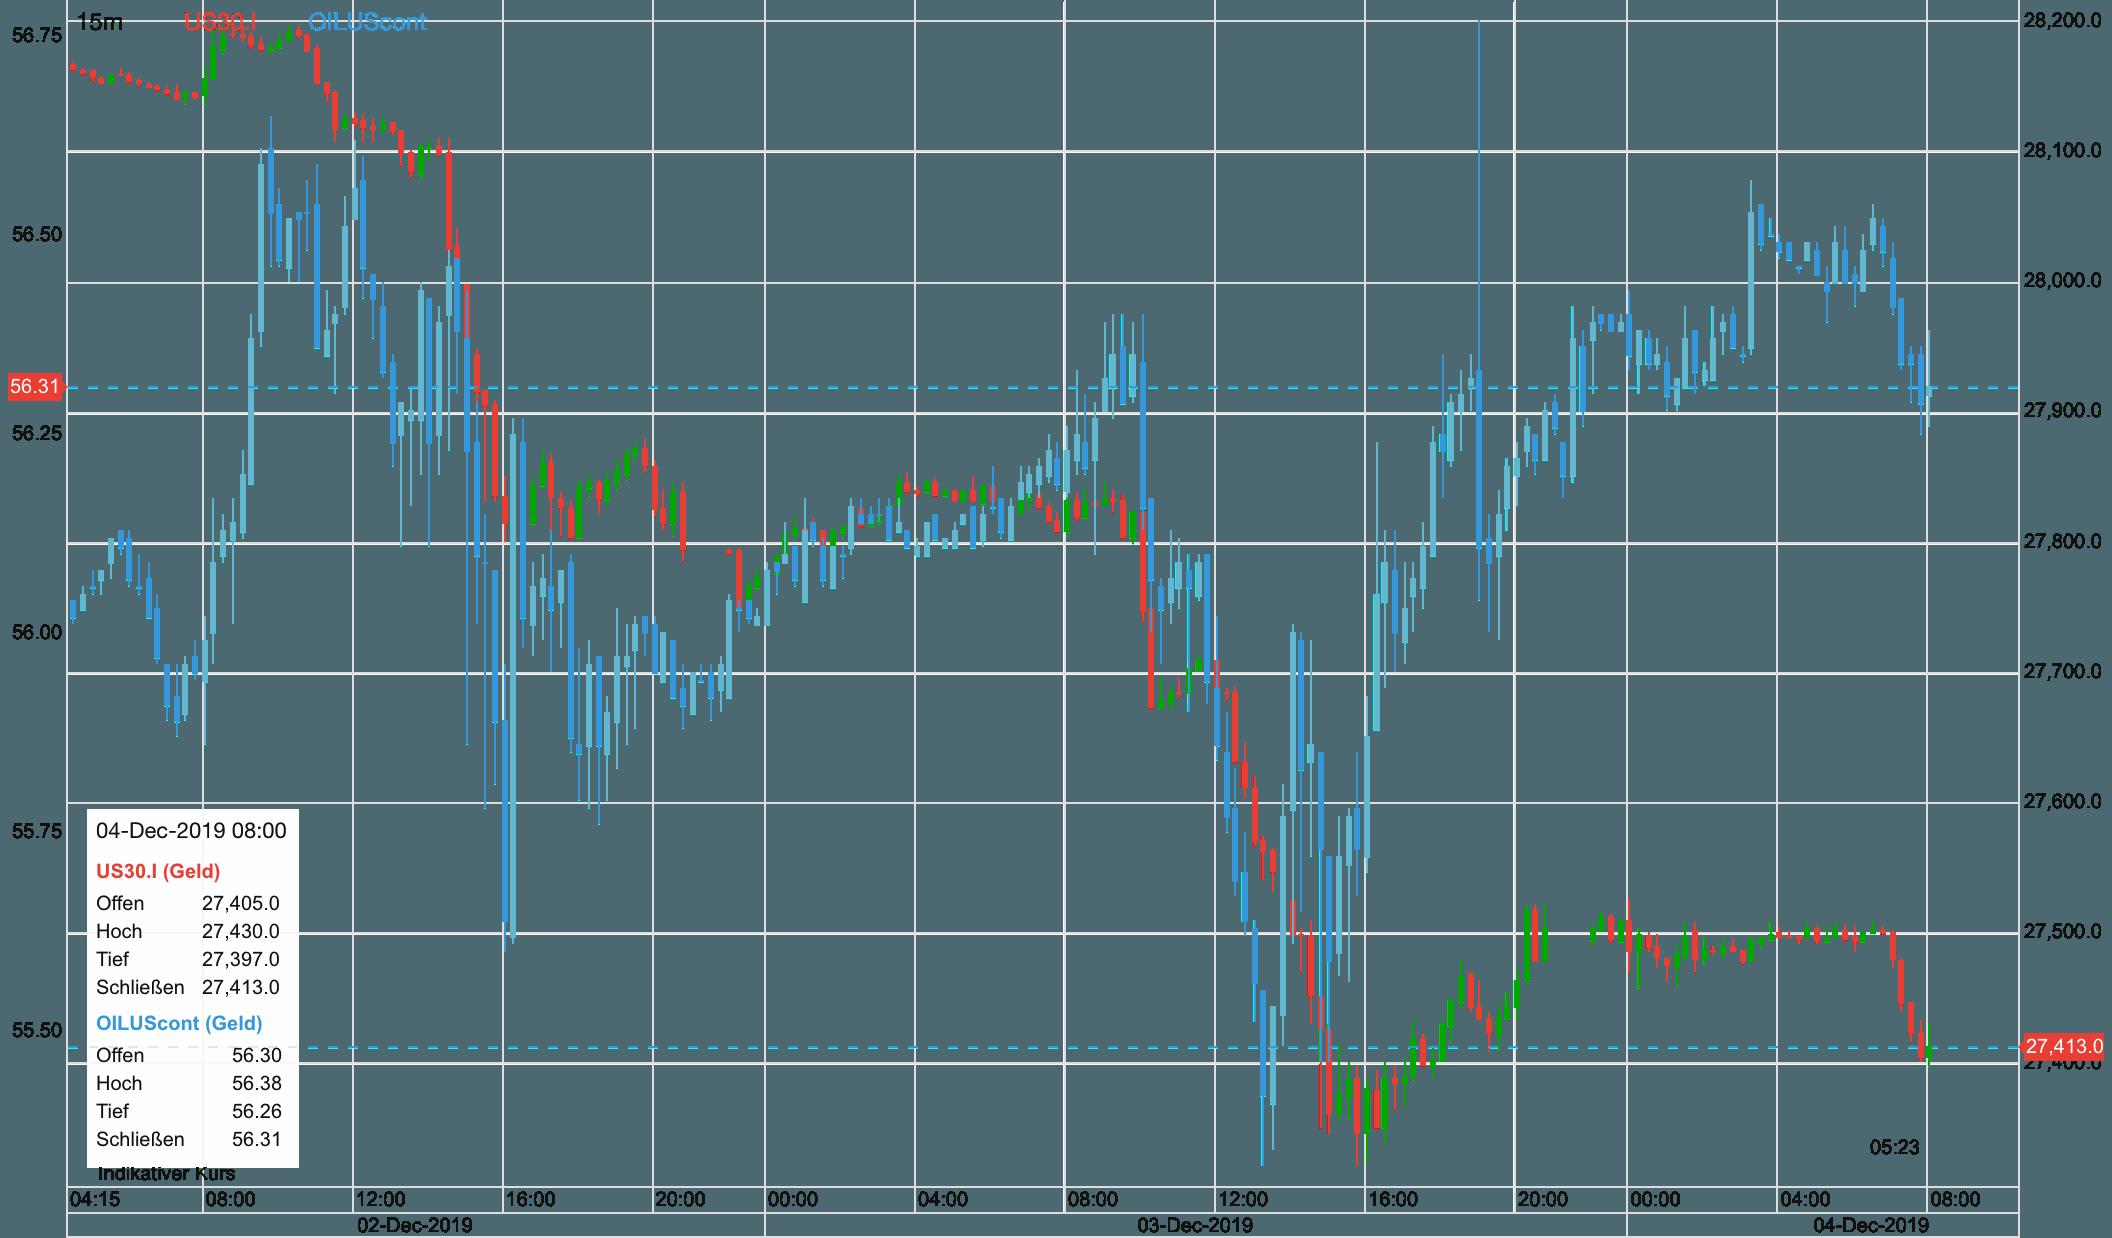 WTI Ölpreis im Vergleich zum Dow 30